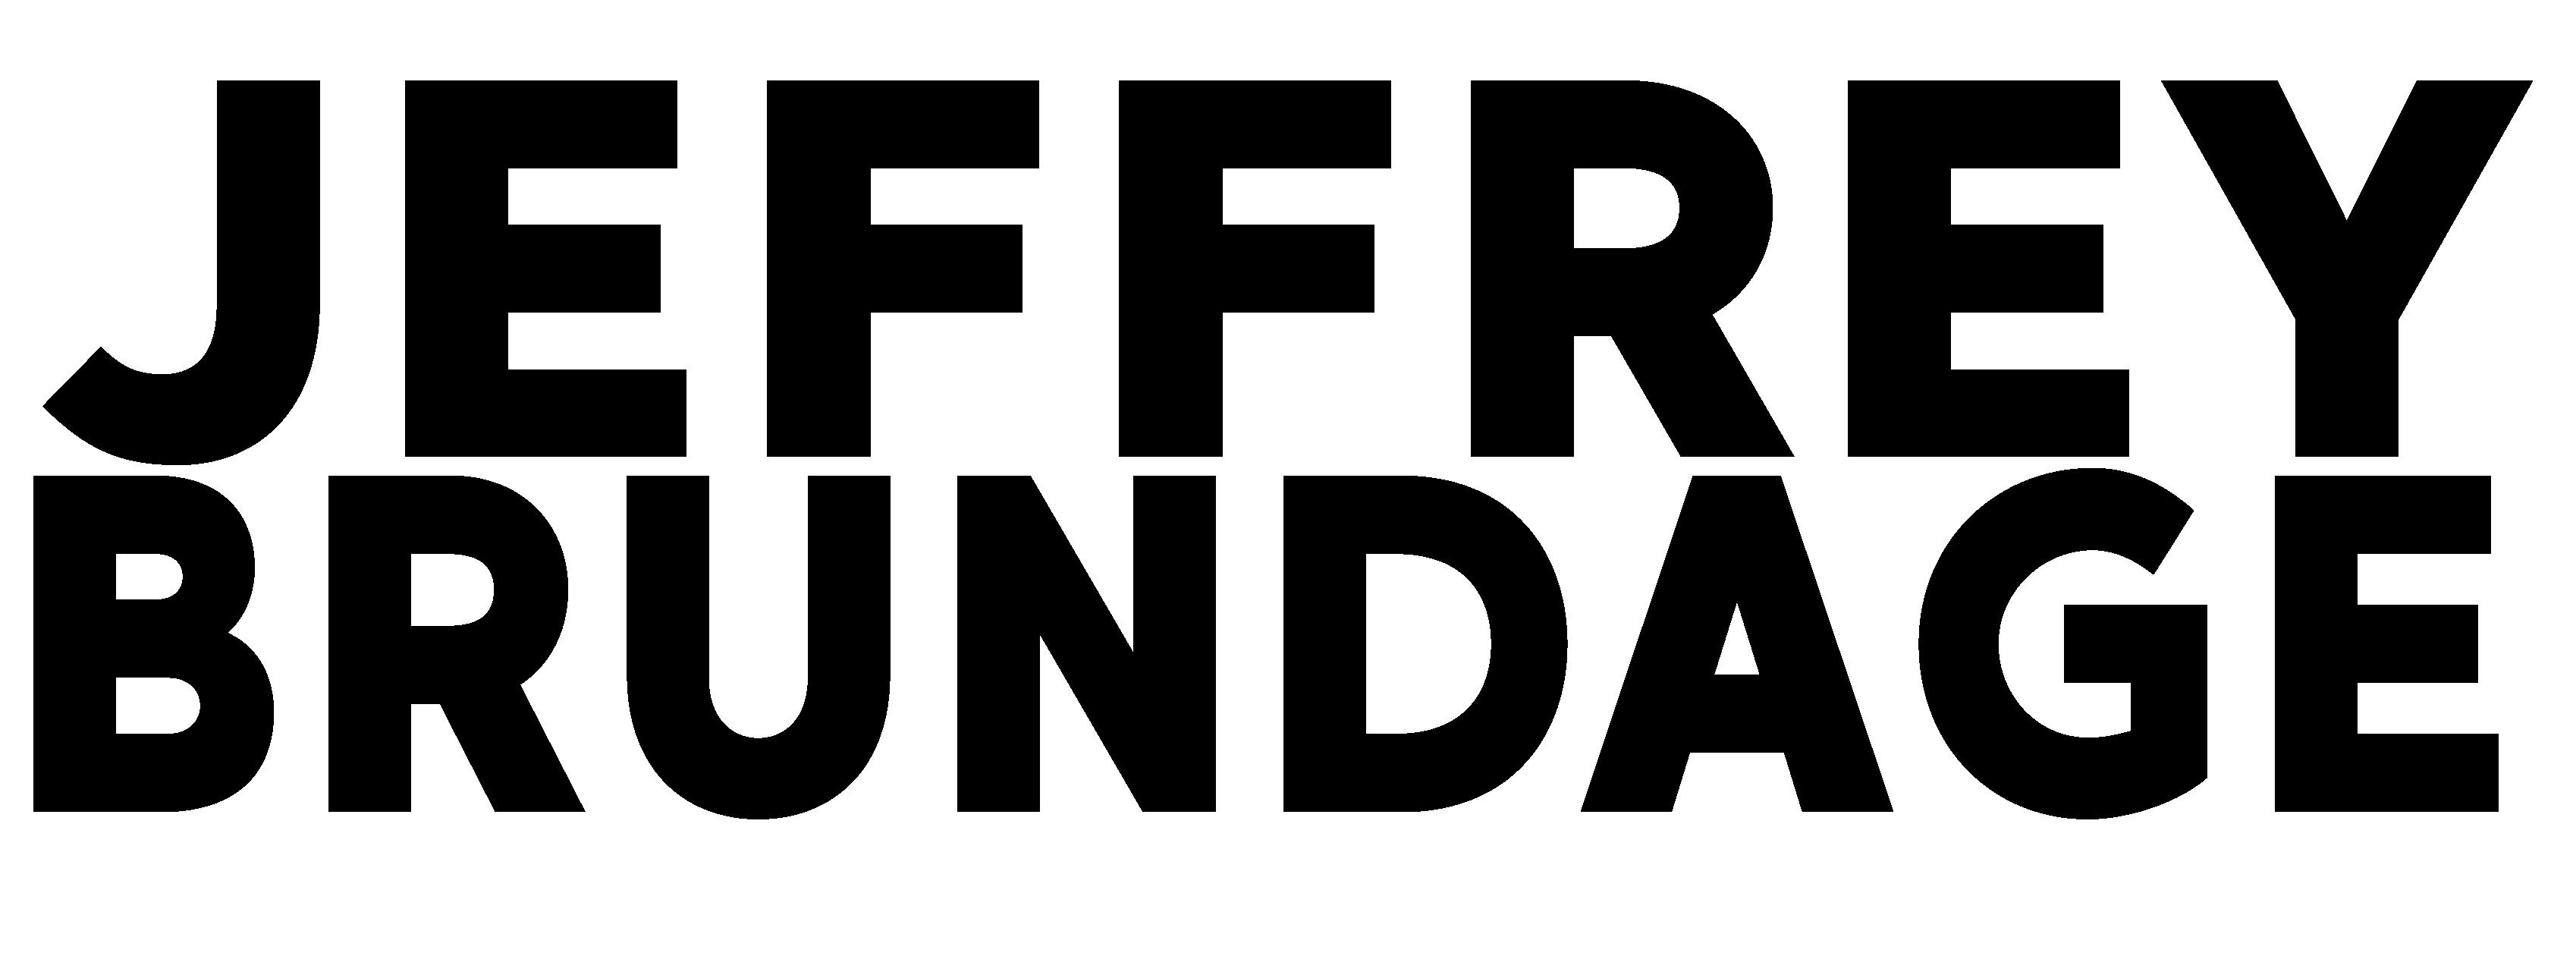 JEFFREY BRUNDAGE